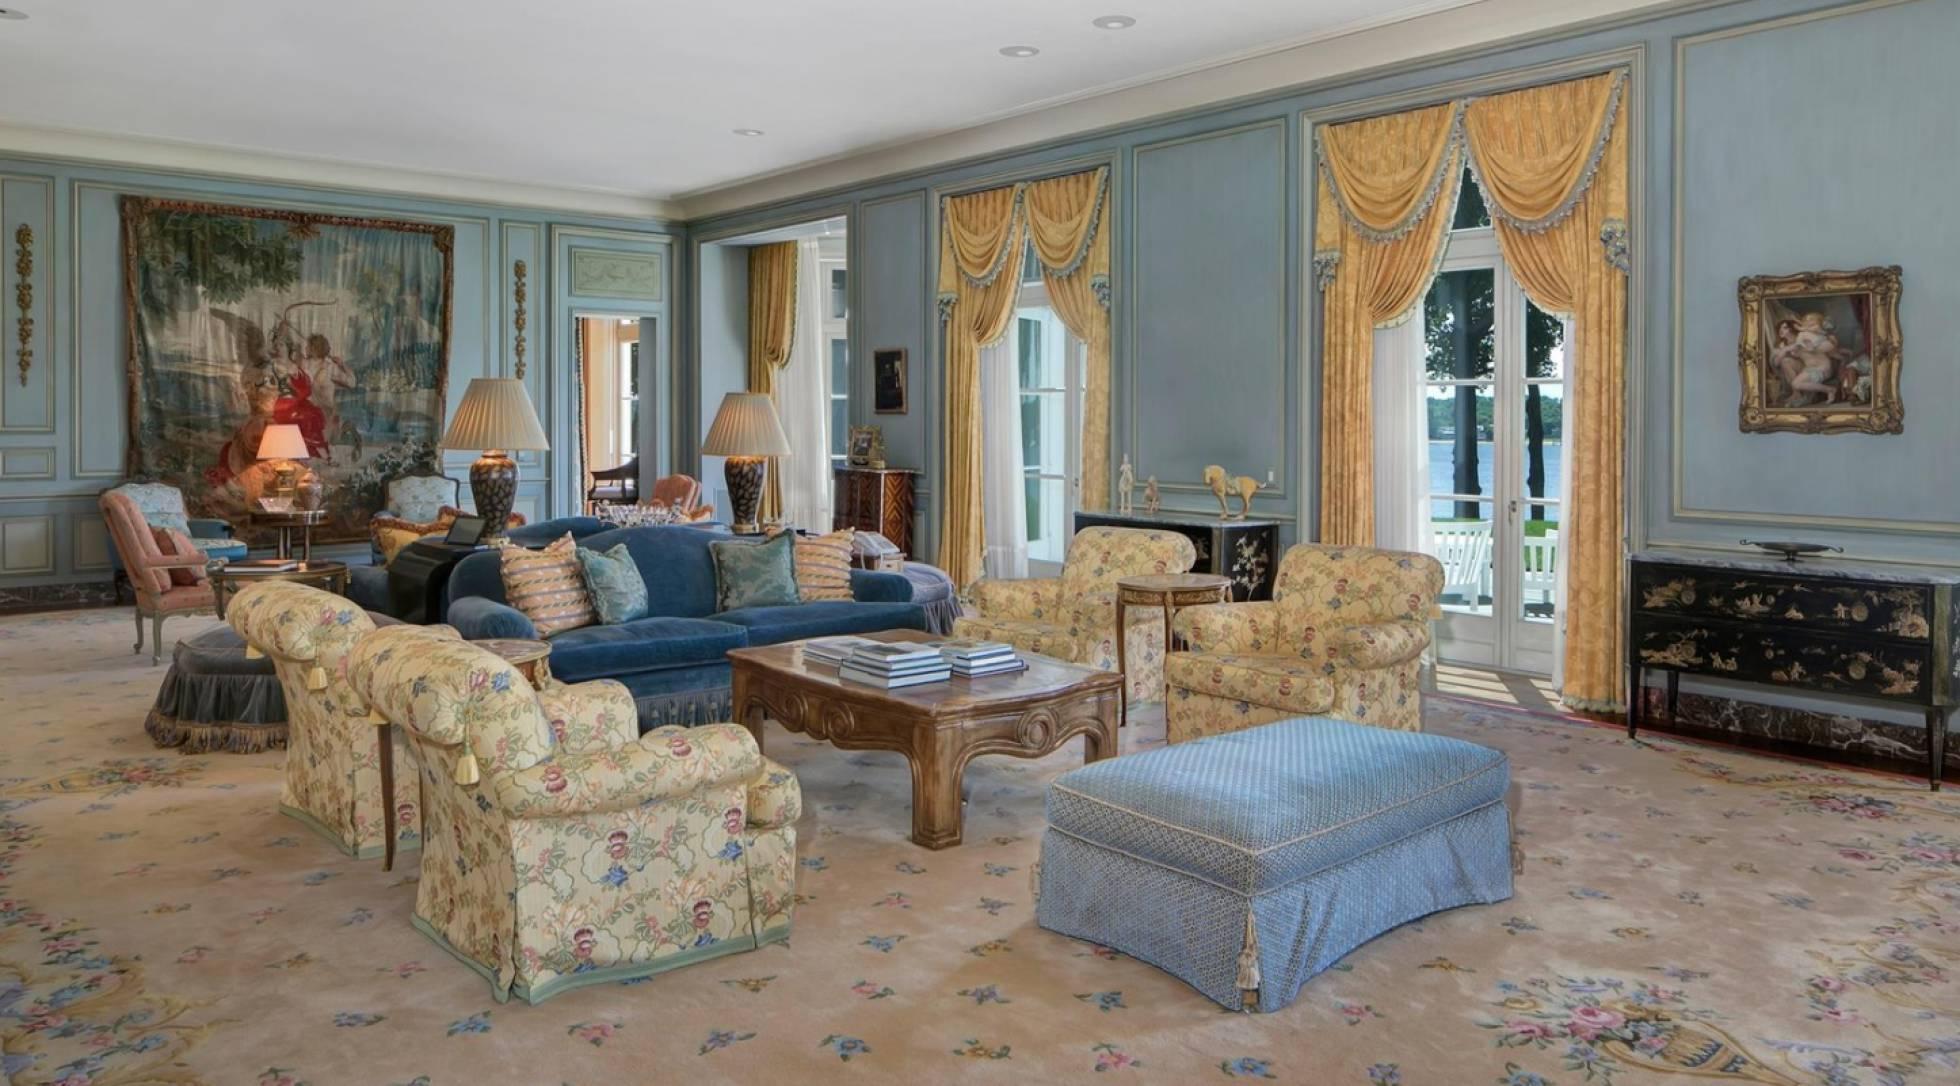 Uma das salas de estar na casa do vocalista principal da banda Bon Jovi.